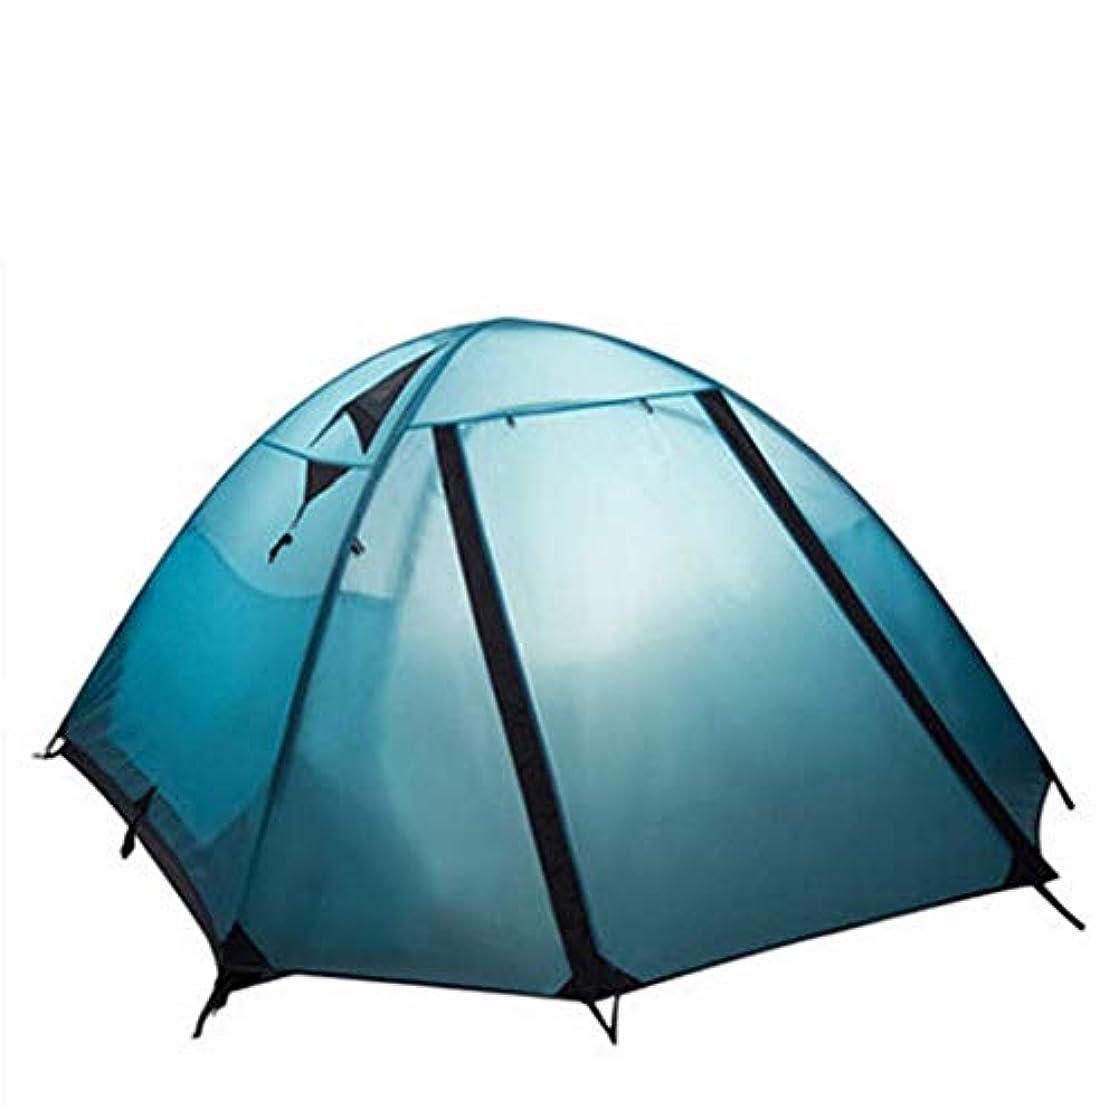 リンクはねかけるギャングスターバックパックテント軽量二重層テント付きアルミ棒耐候性登山用テント用屋外家族ビーチ狩猟ハイキング3-4人